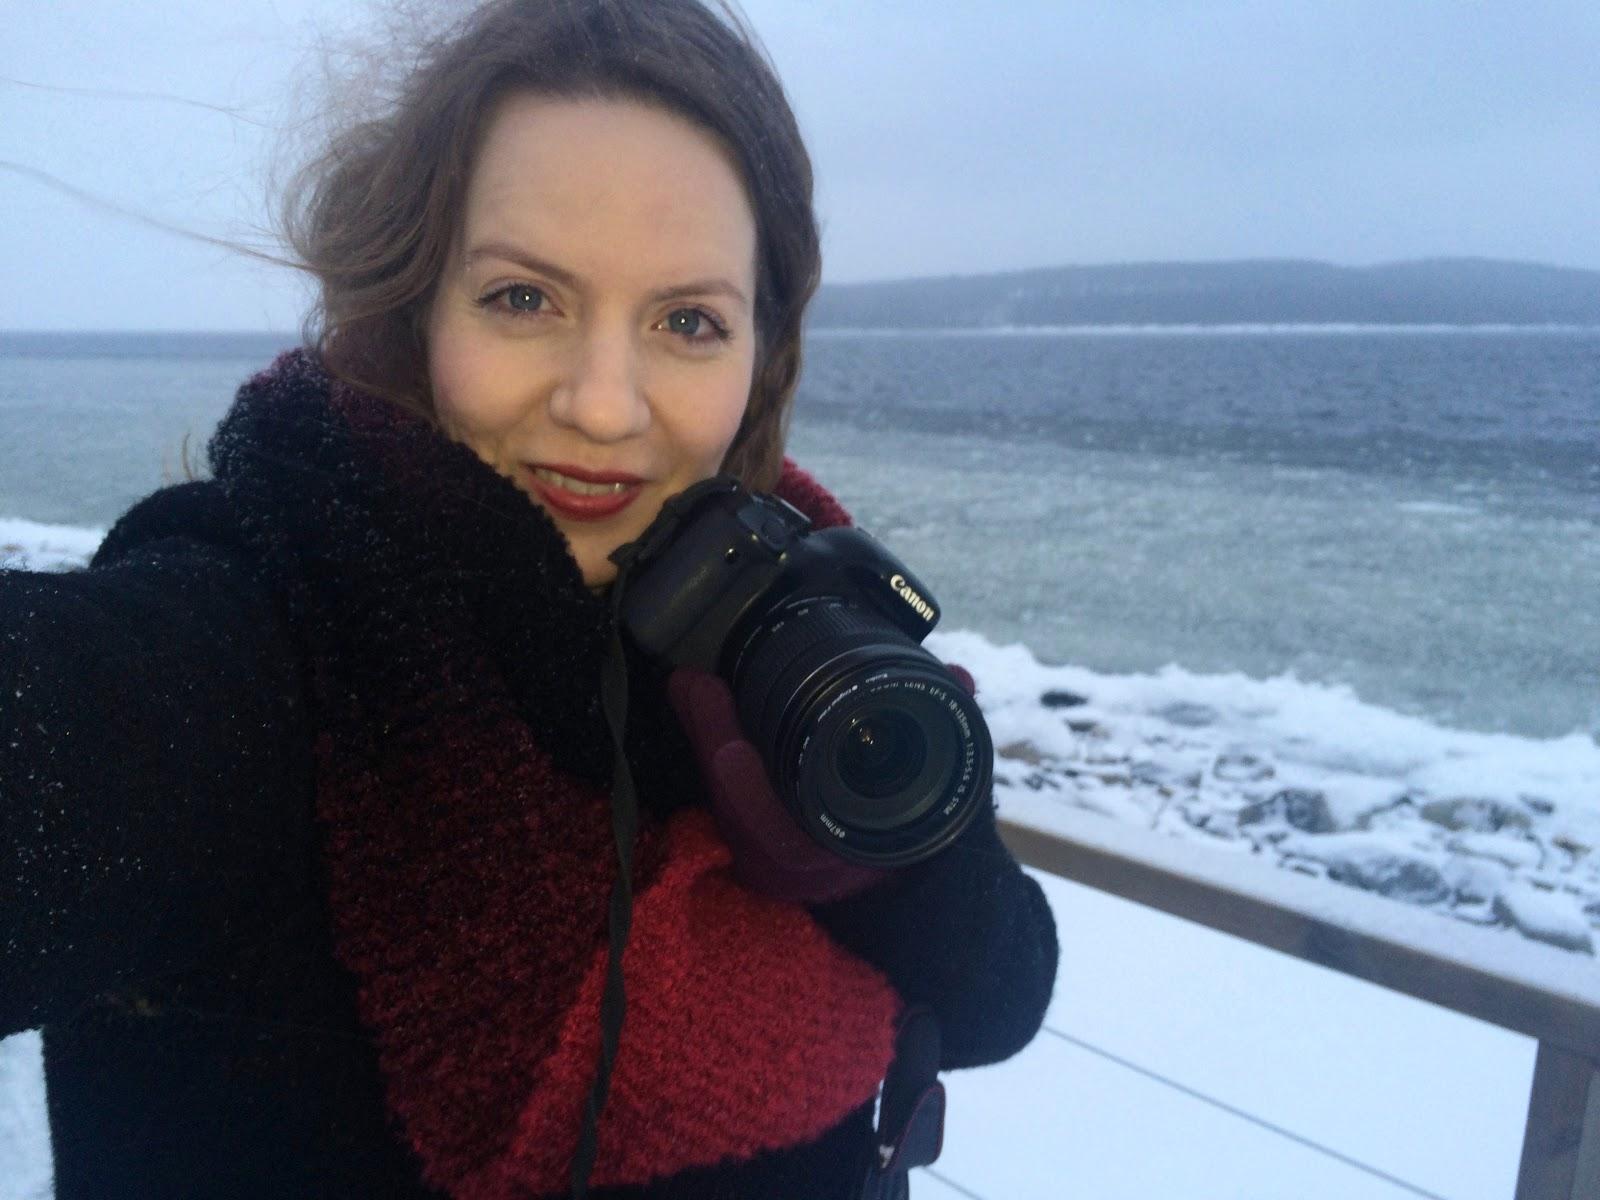 fotograf Härnösand bröllopsfotograf Maria-Thérèse Sommar